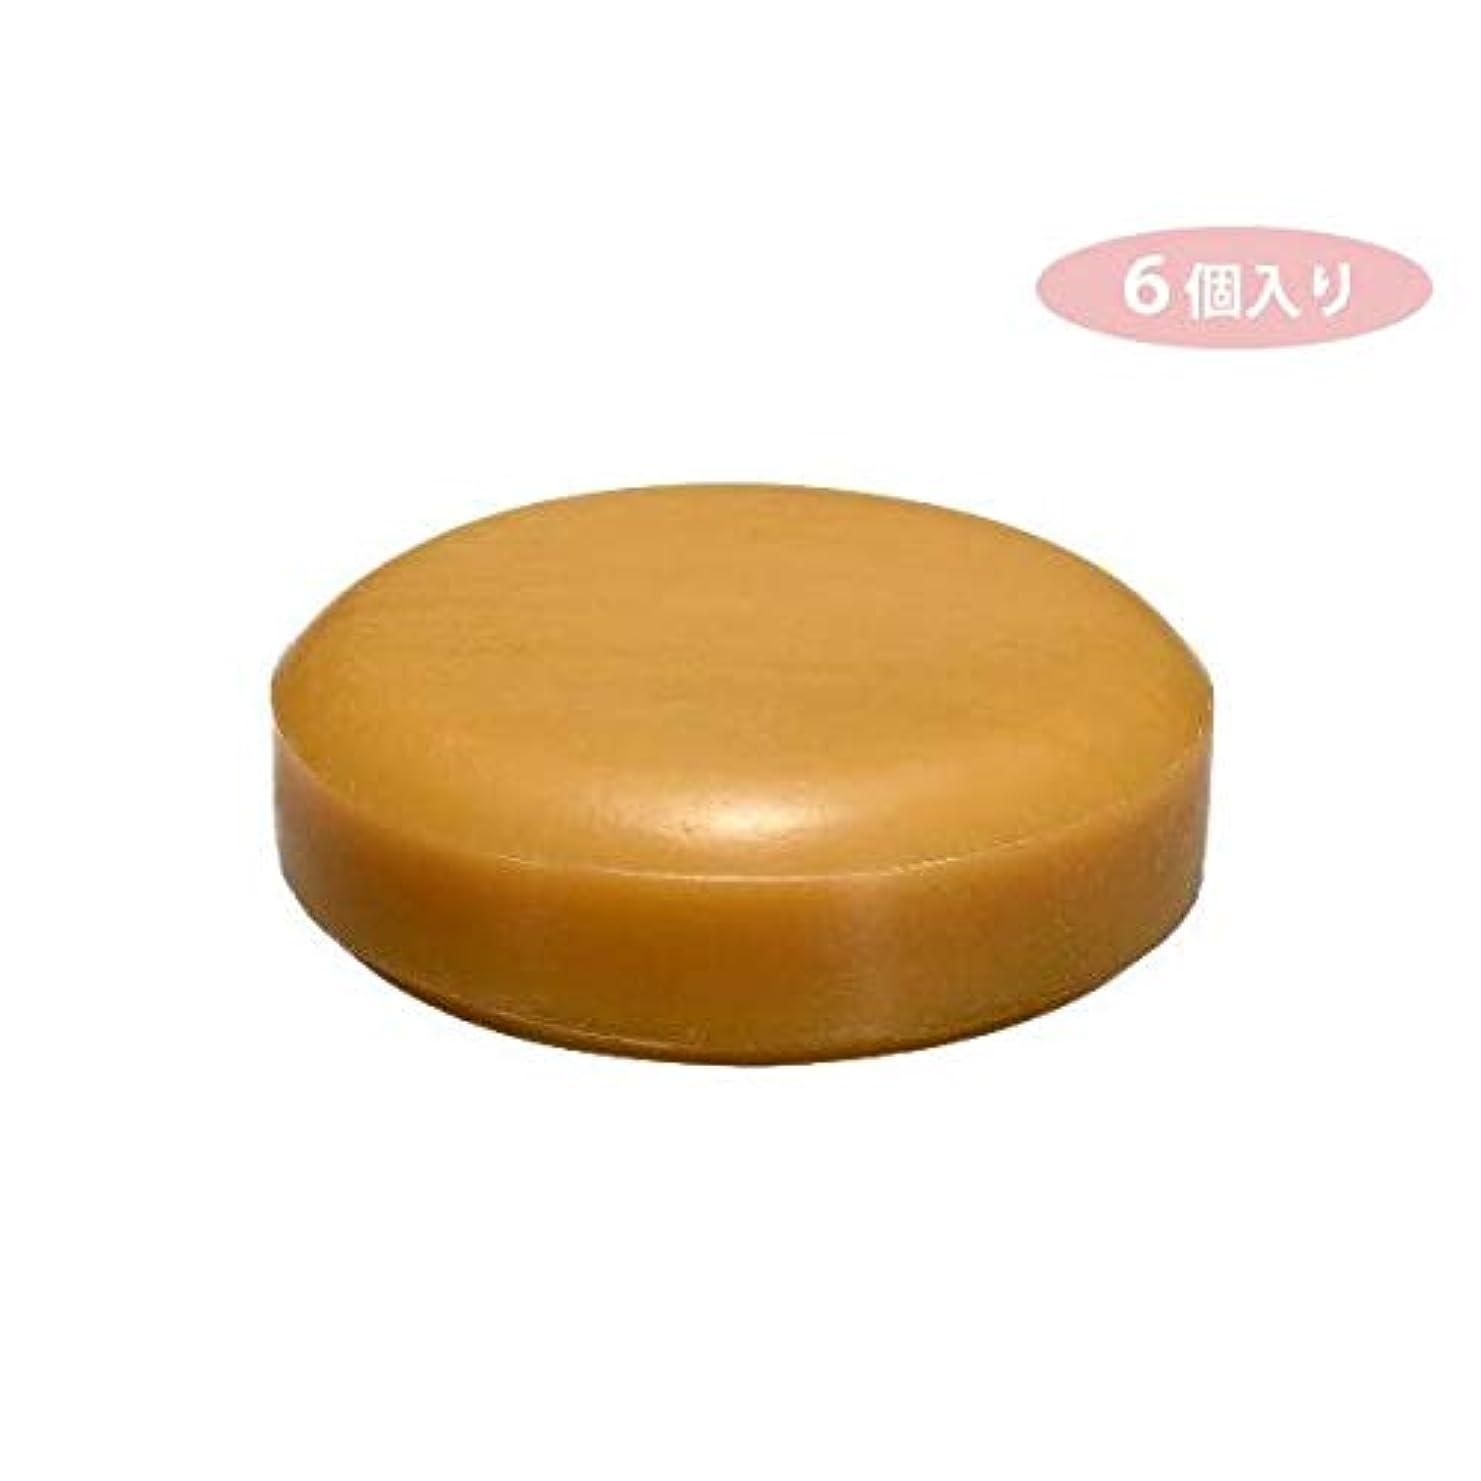 くつろぐ浴室ハイランドCHA 6個入り スキンケアシリーズ ハチミツスキンケアソープ